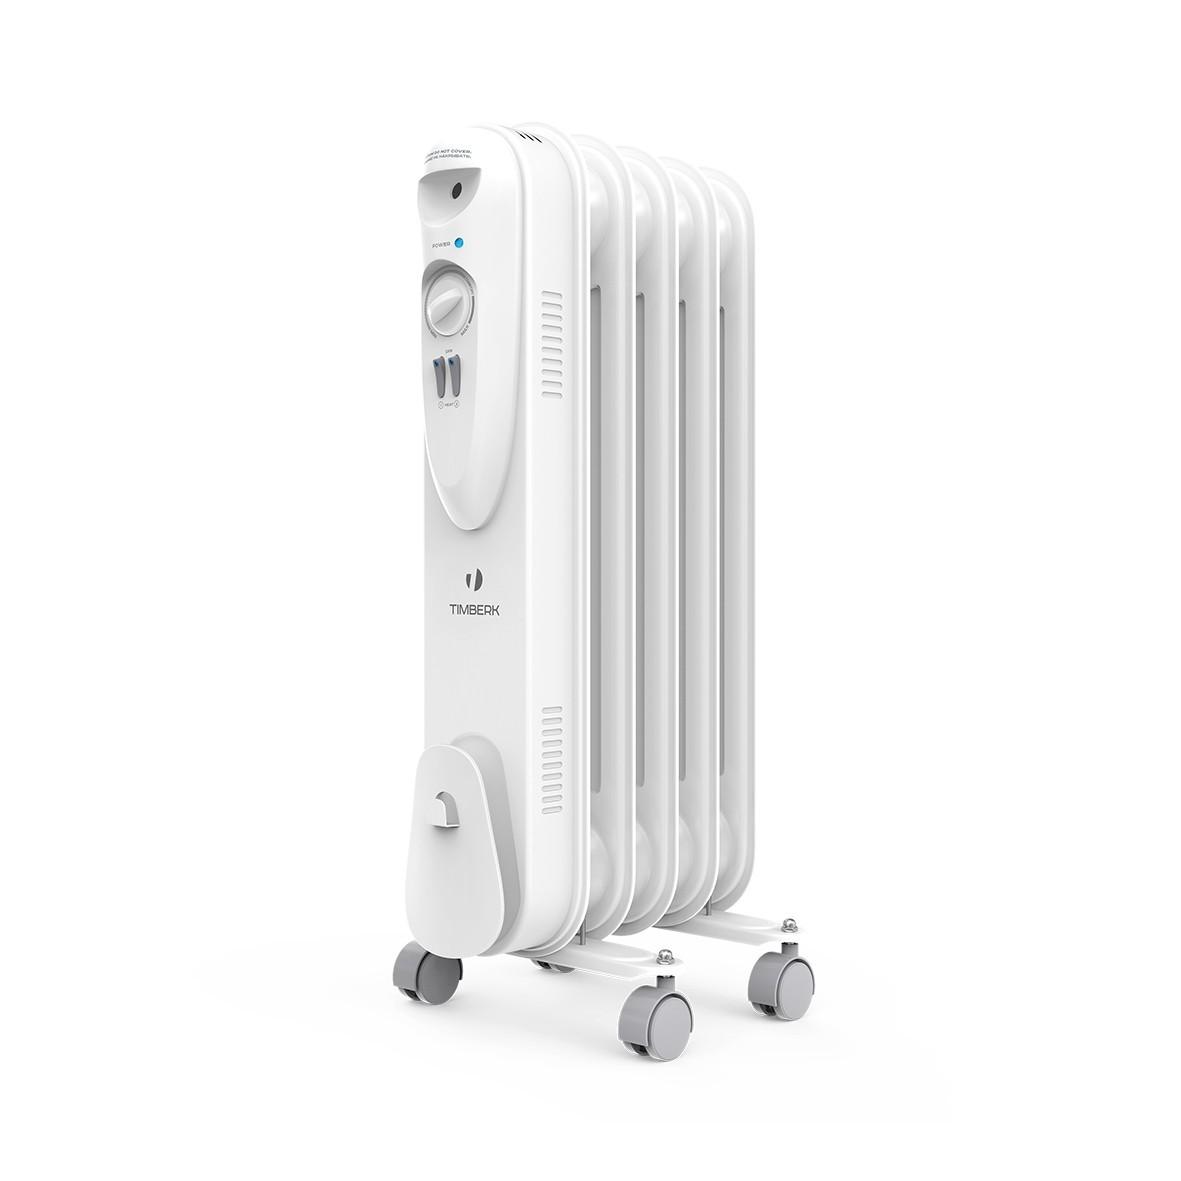 Масляный радиатор Timberk US TOR 21.1005 SLX, ULTRA SLIM дизайн, 5 секций, 1000 Вт., защита от протечек масла, высокоточный термостат